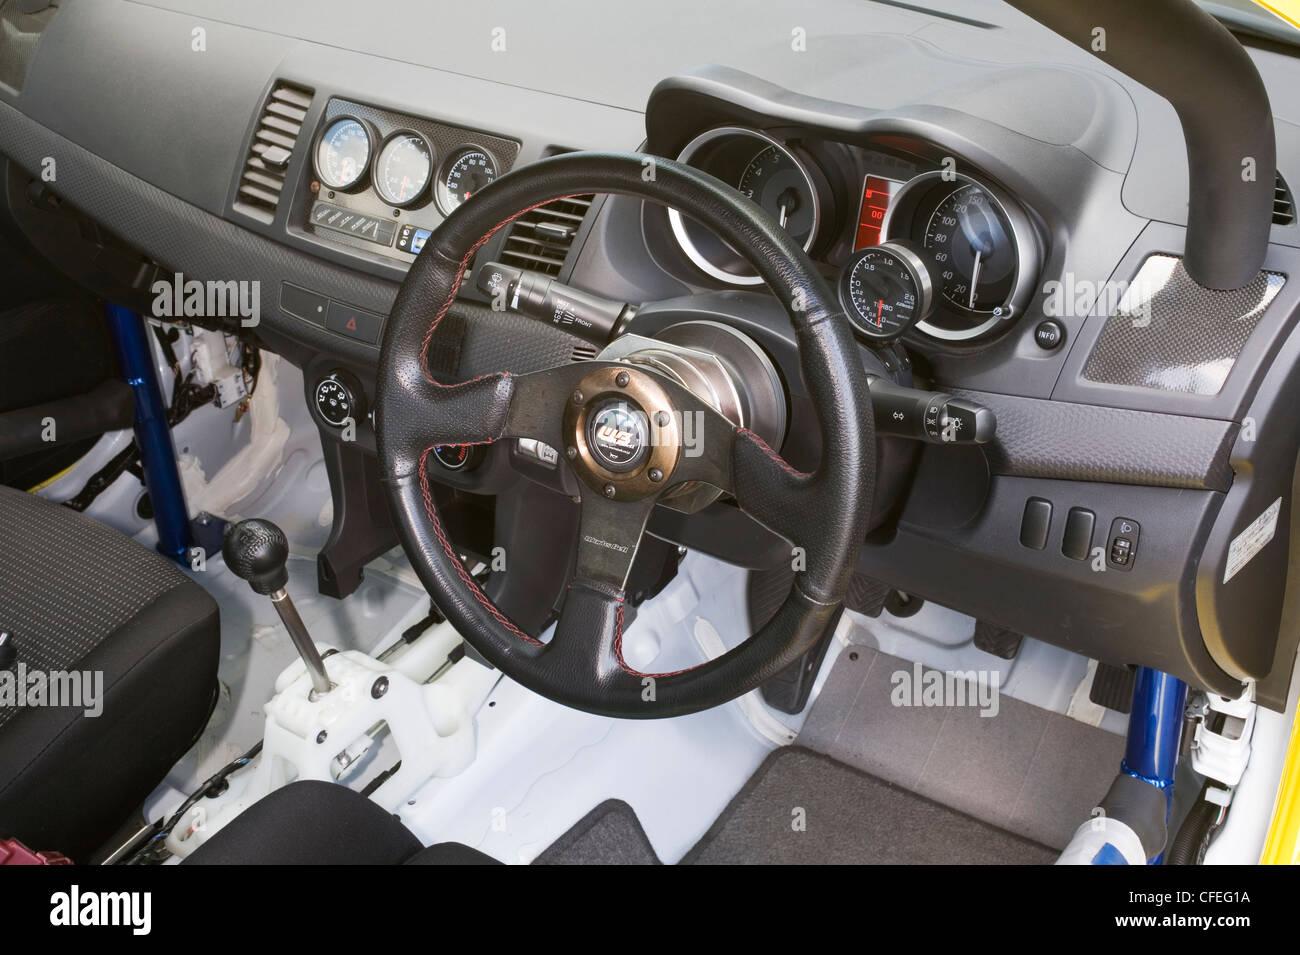 Il volante e il cruscotto area del cruscotto con tachimetro tachimetro e tachimetro tachimetro in un giapponese Immagini Stock